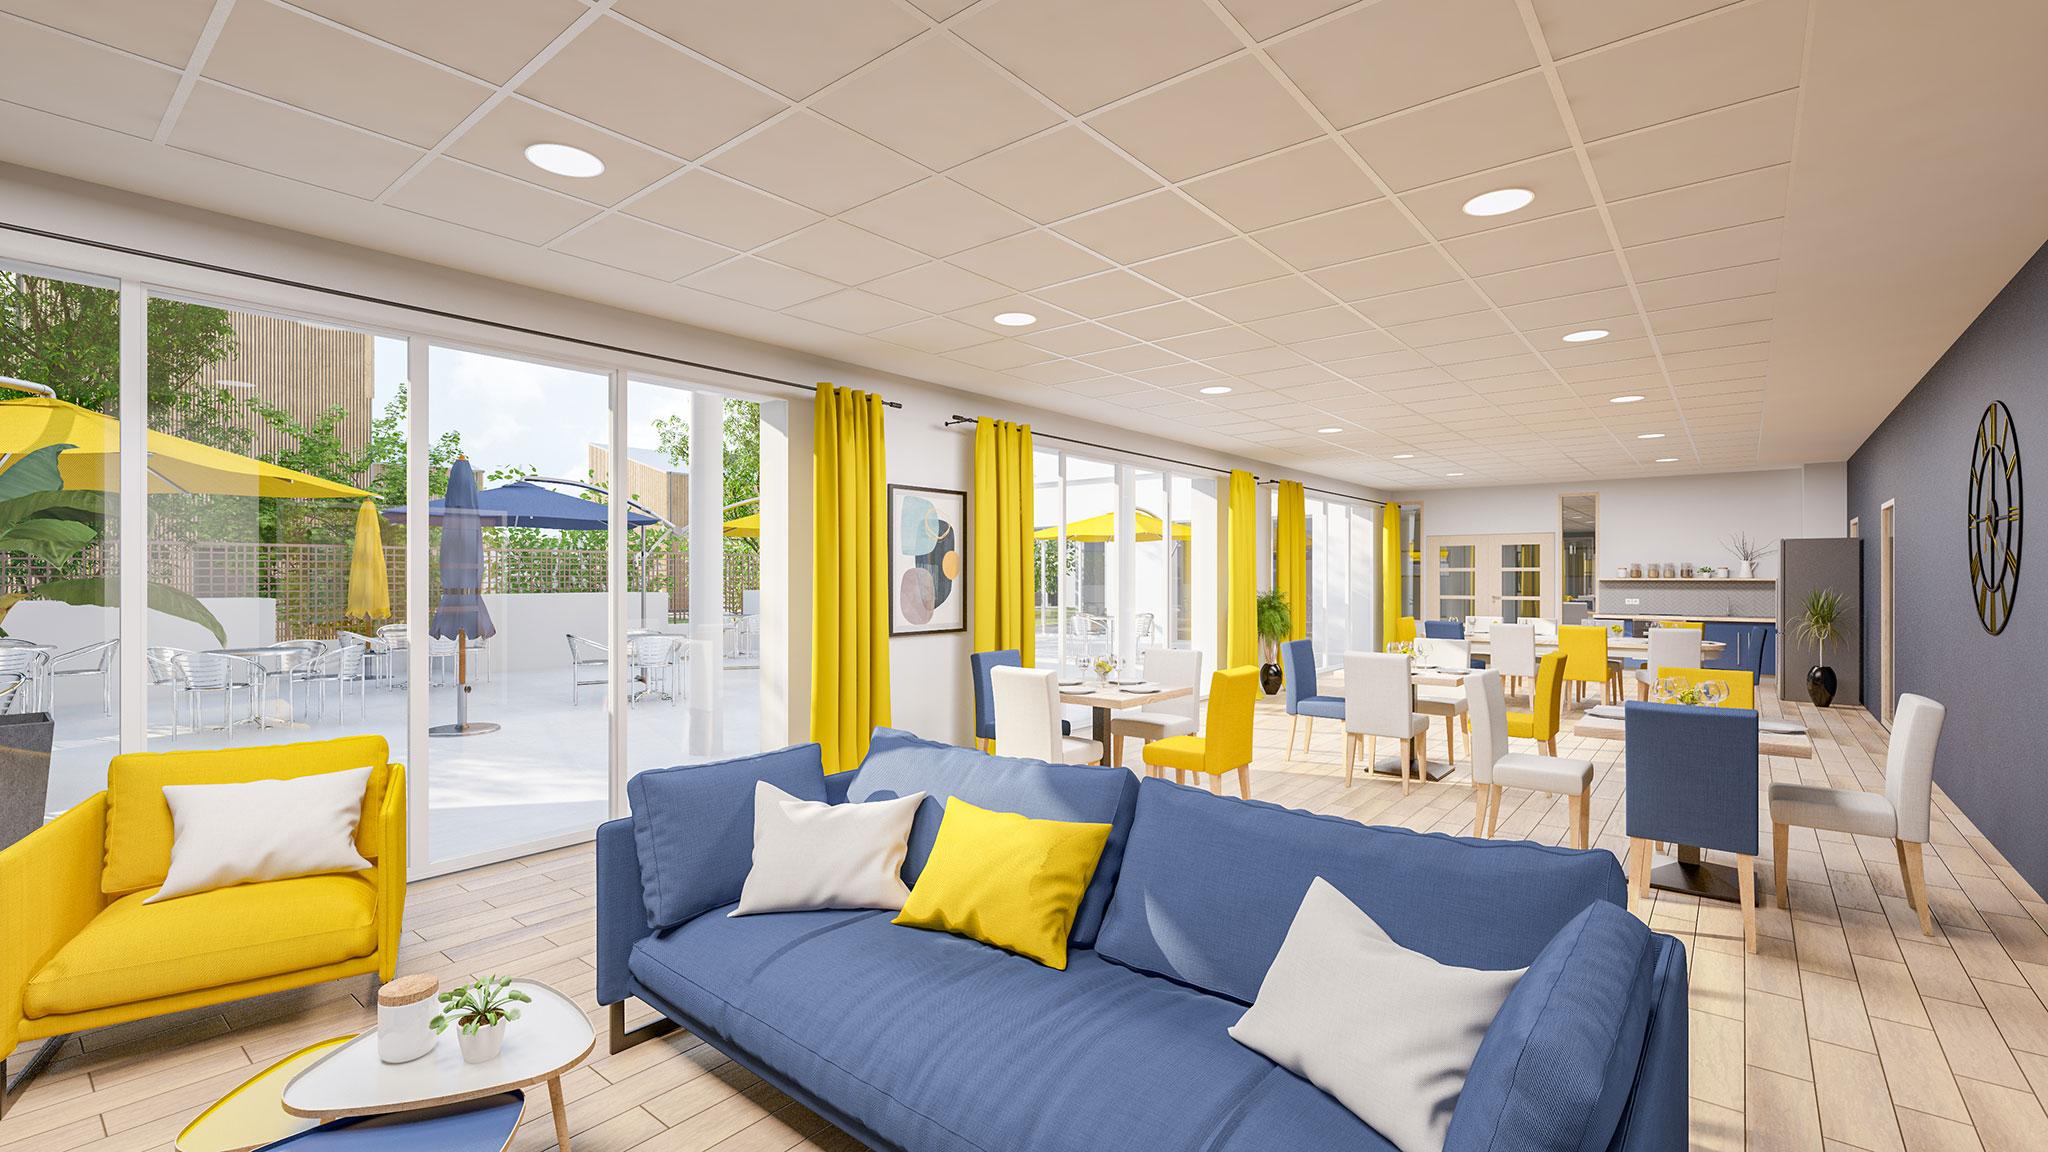 Les-Villes-Dorees_residence-services-senior-Heurus-vue-interieure